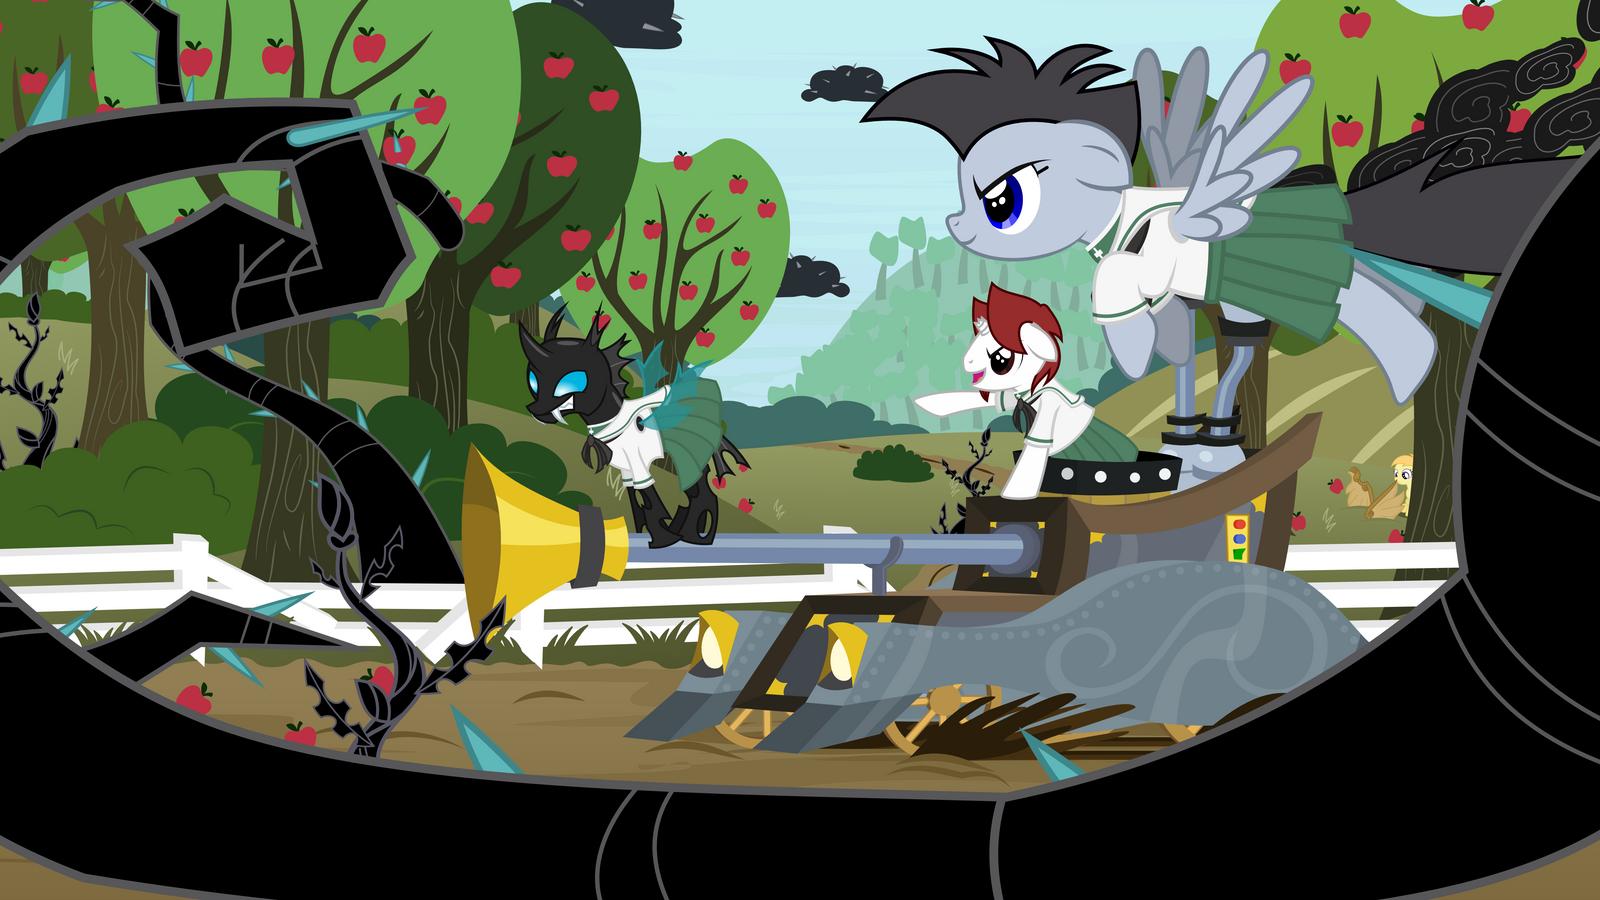 Ponys und Panzer (OC's) by Lumorn